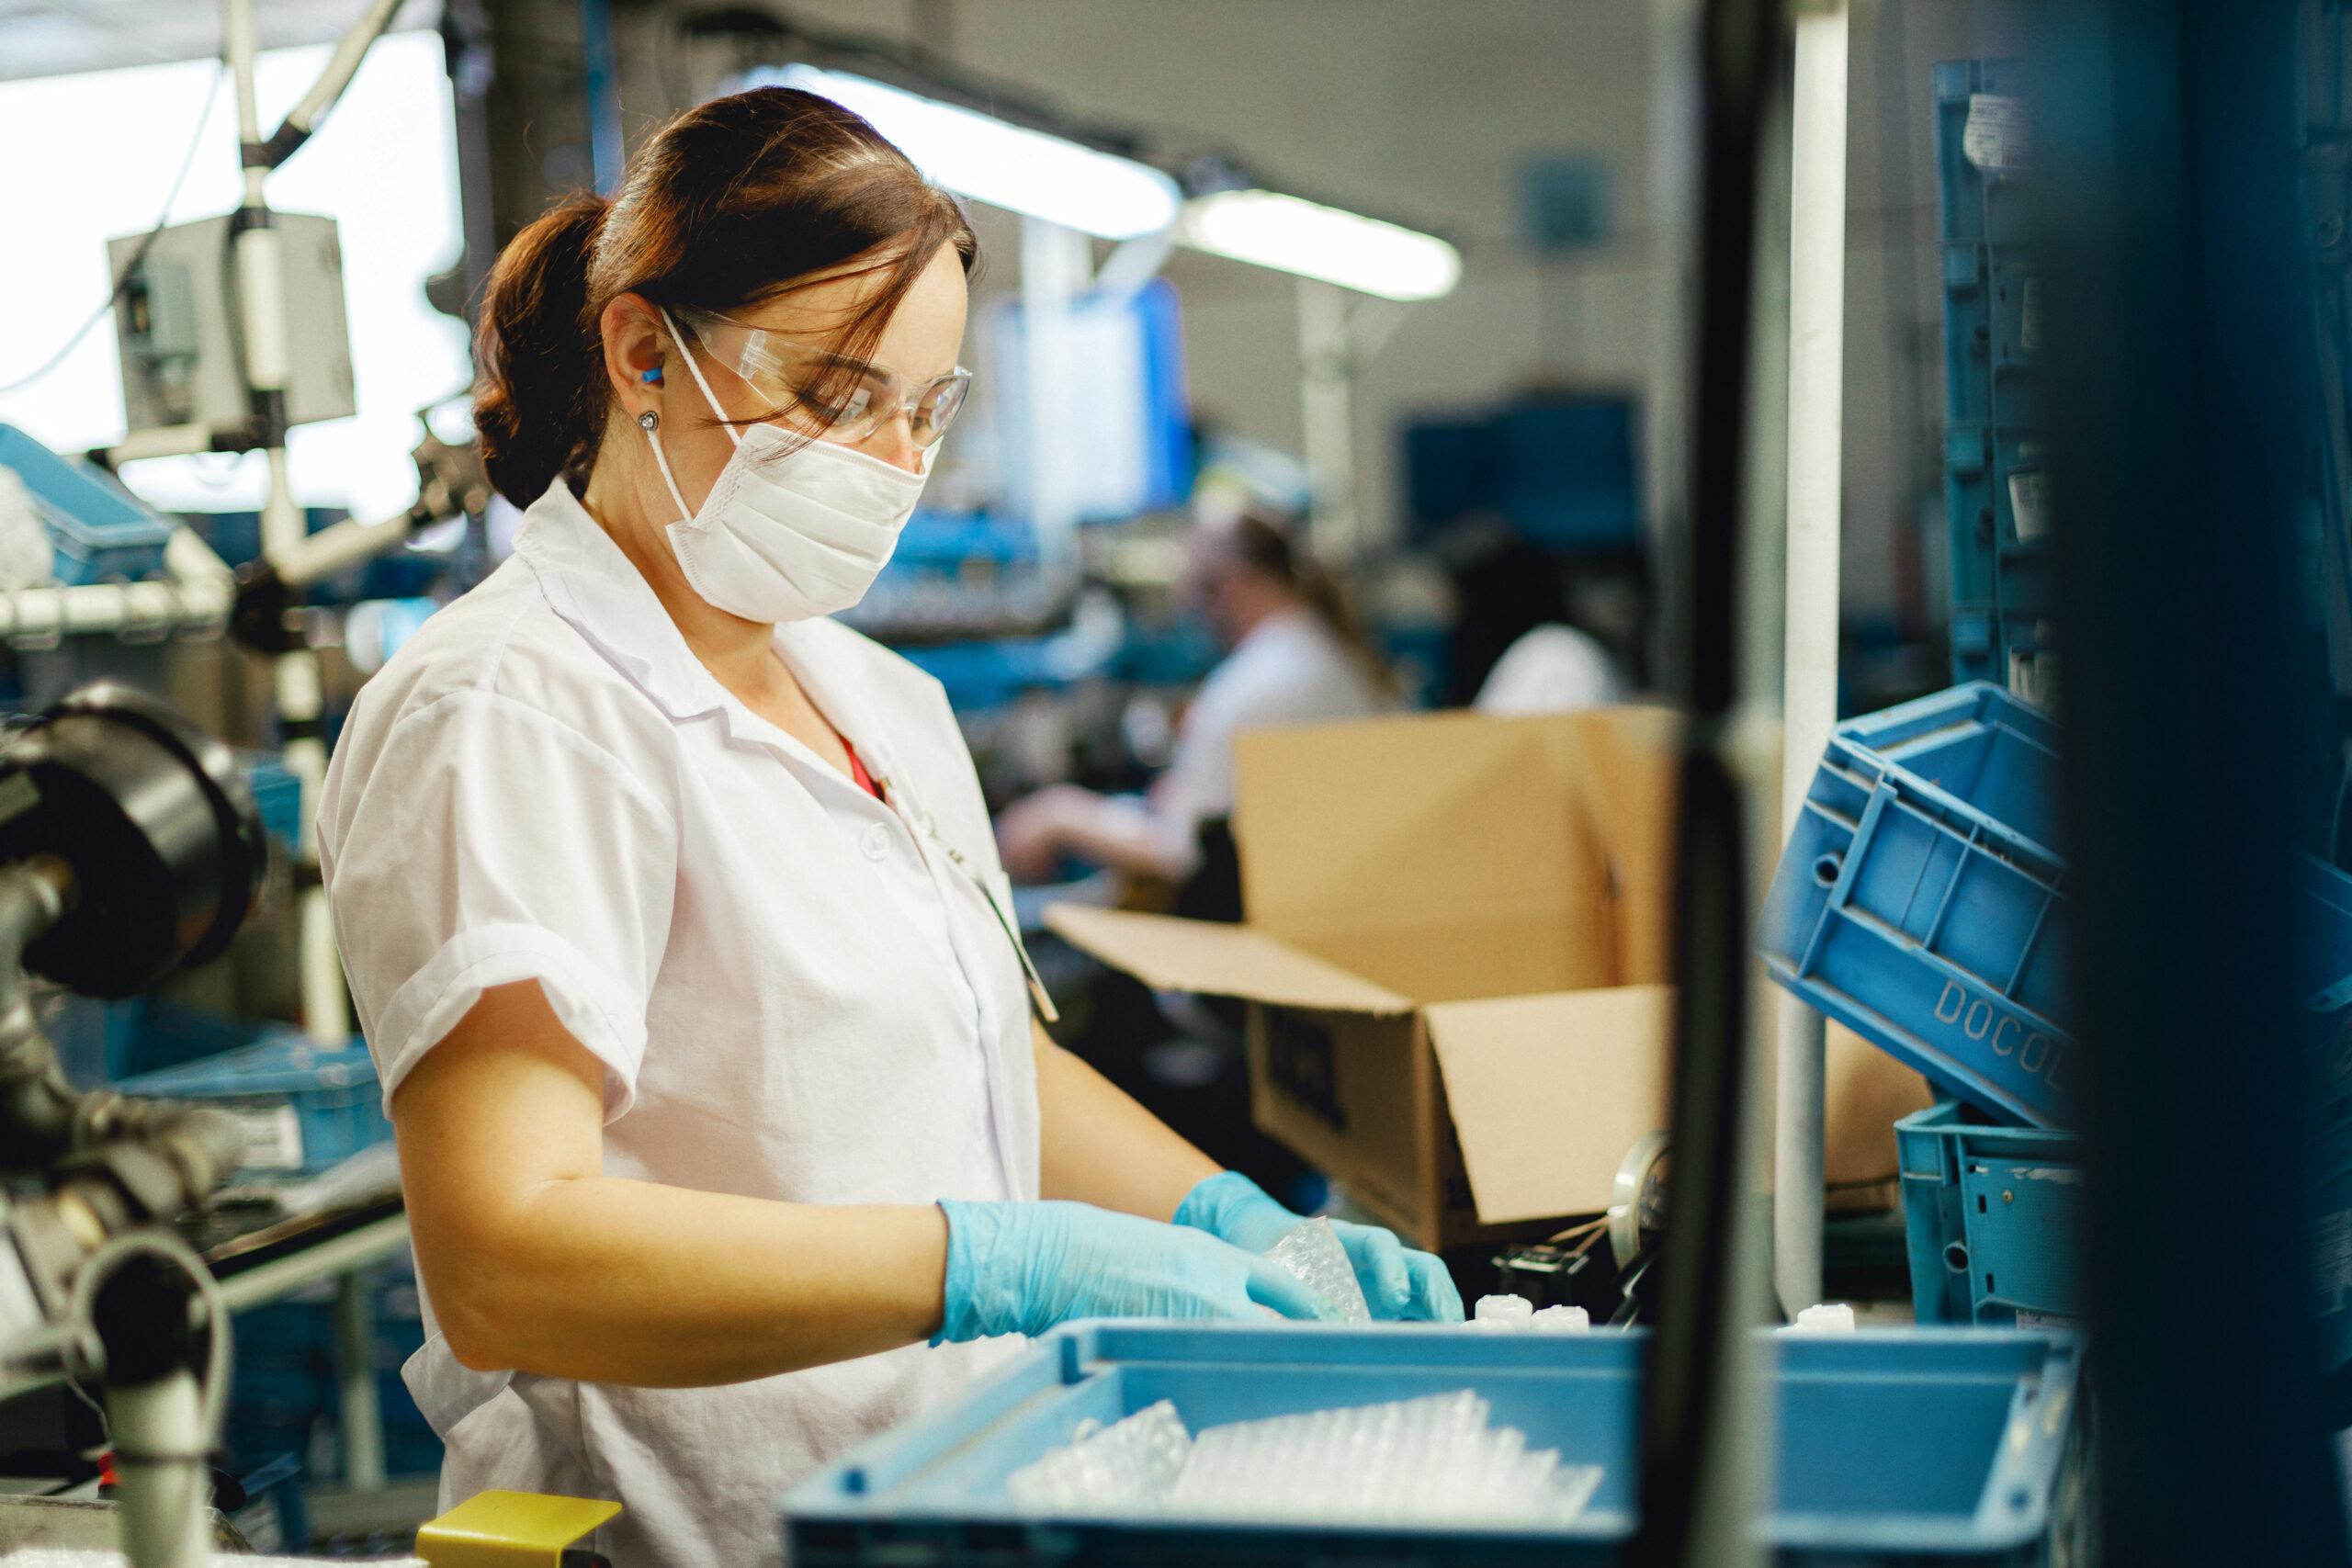 Fábrica de metais sanitários se instalará em Minas Gerais, gerando 4.500 empregos